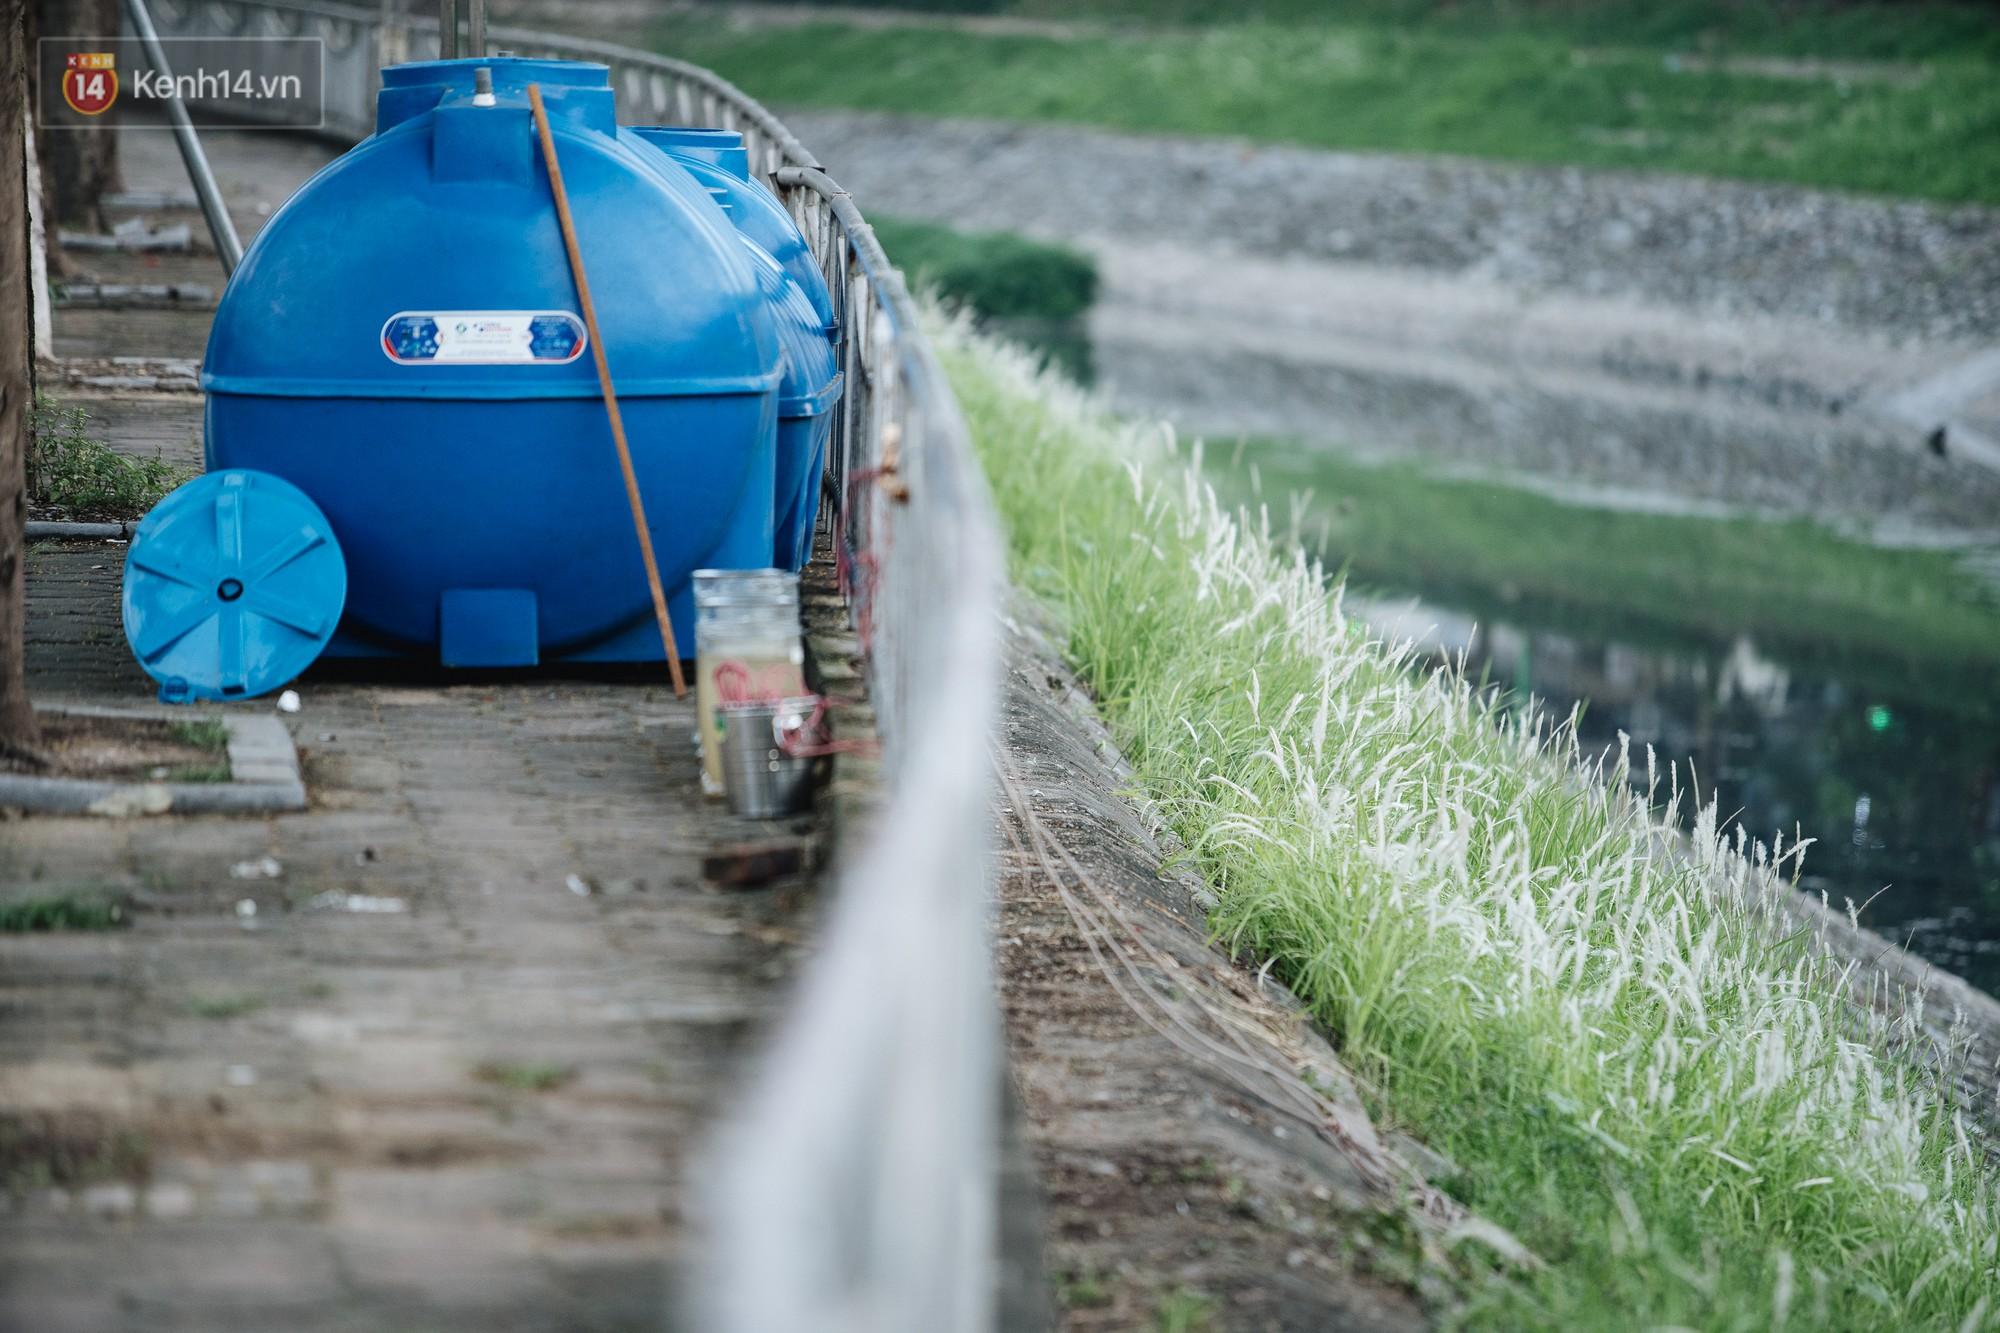 Sông Tô Lịch đổi màu sau khi làm sạch bằng công nghệ Nhật Bản: Hoa lau xanh mướt, người dân thư thả câu cá - Ảnh 7.